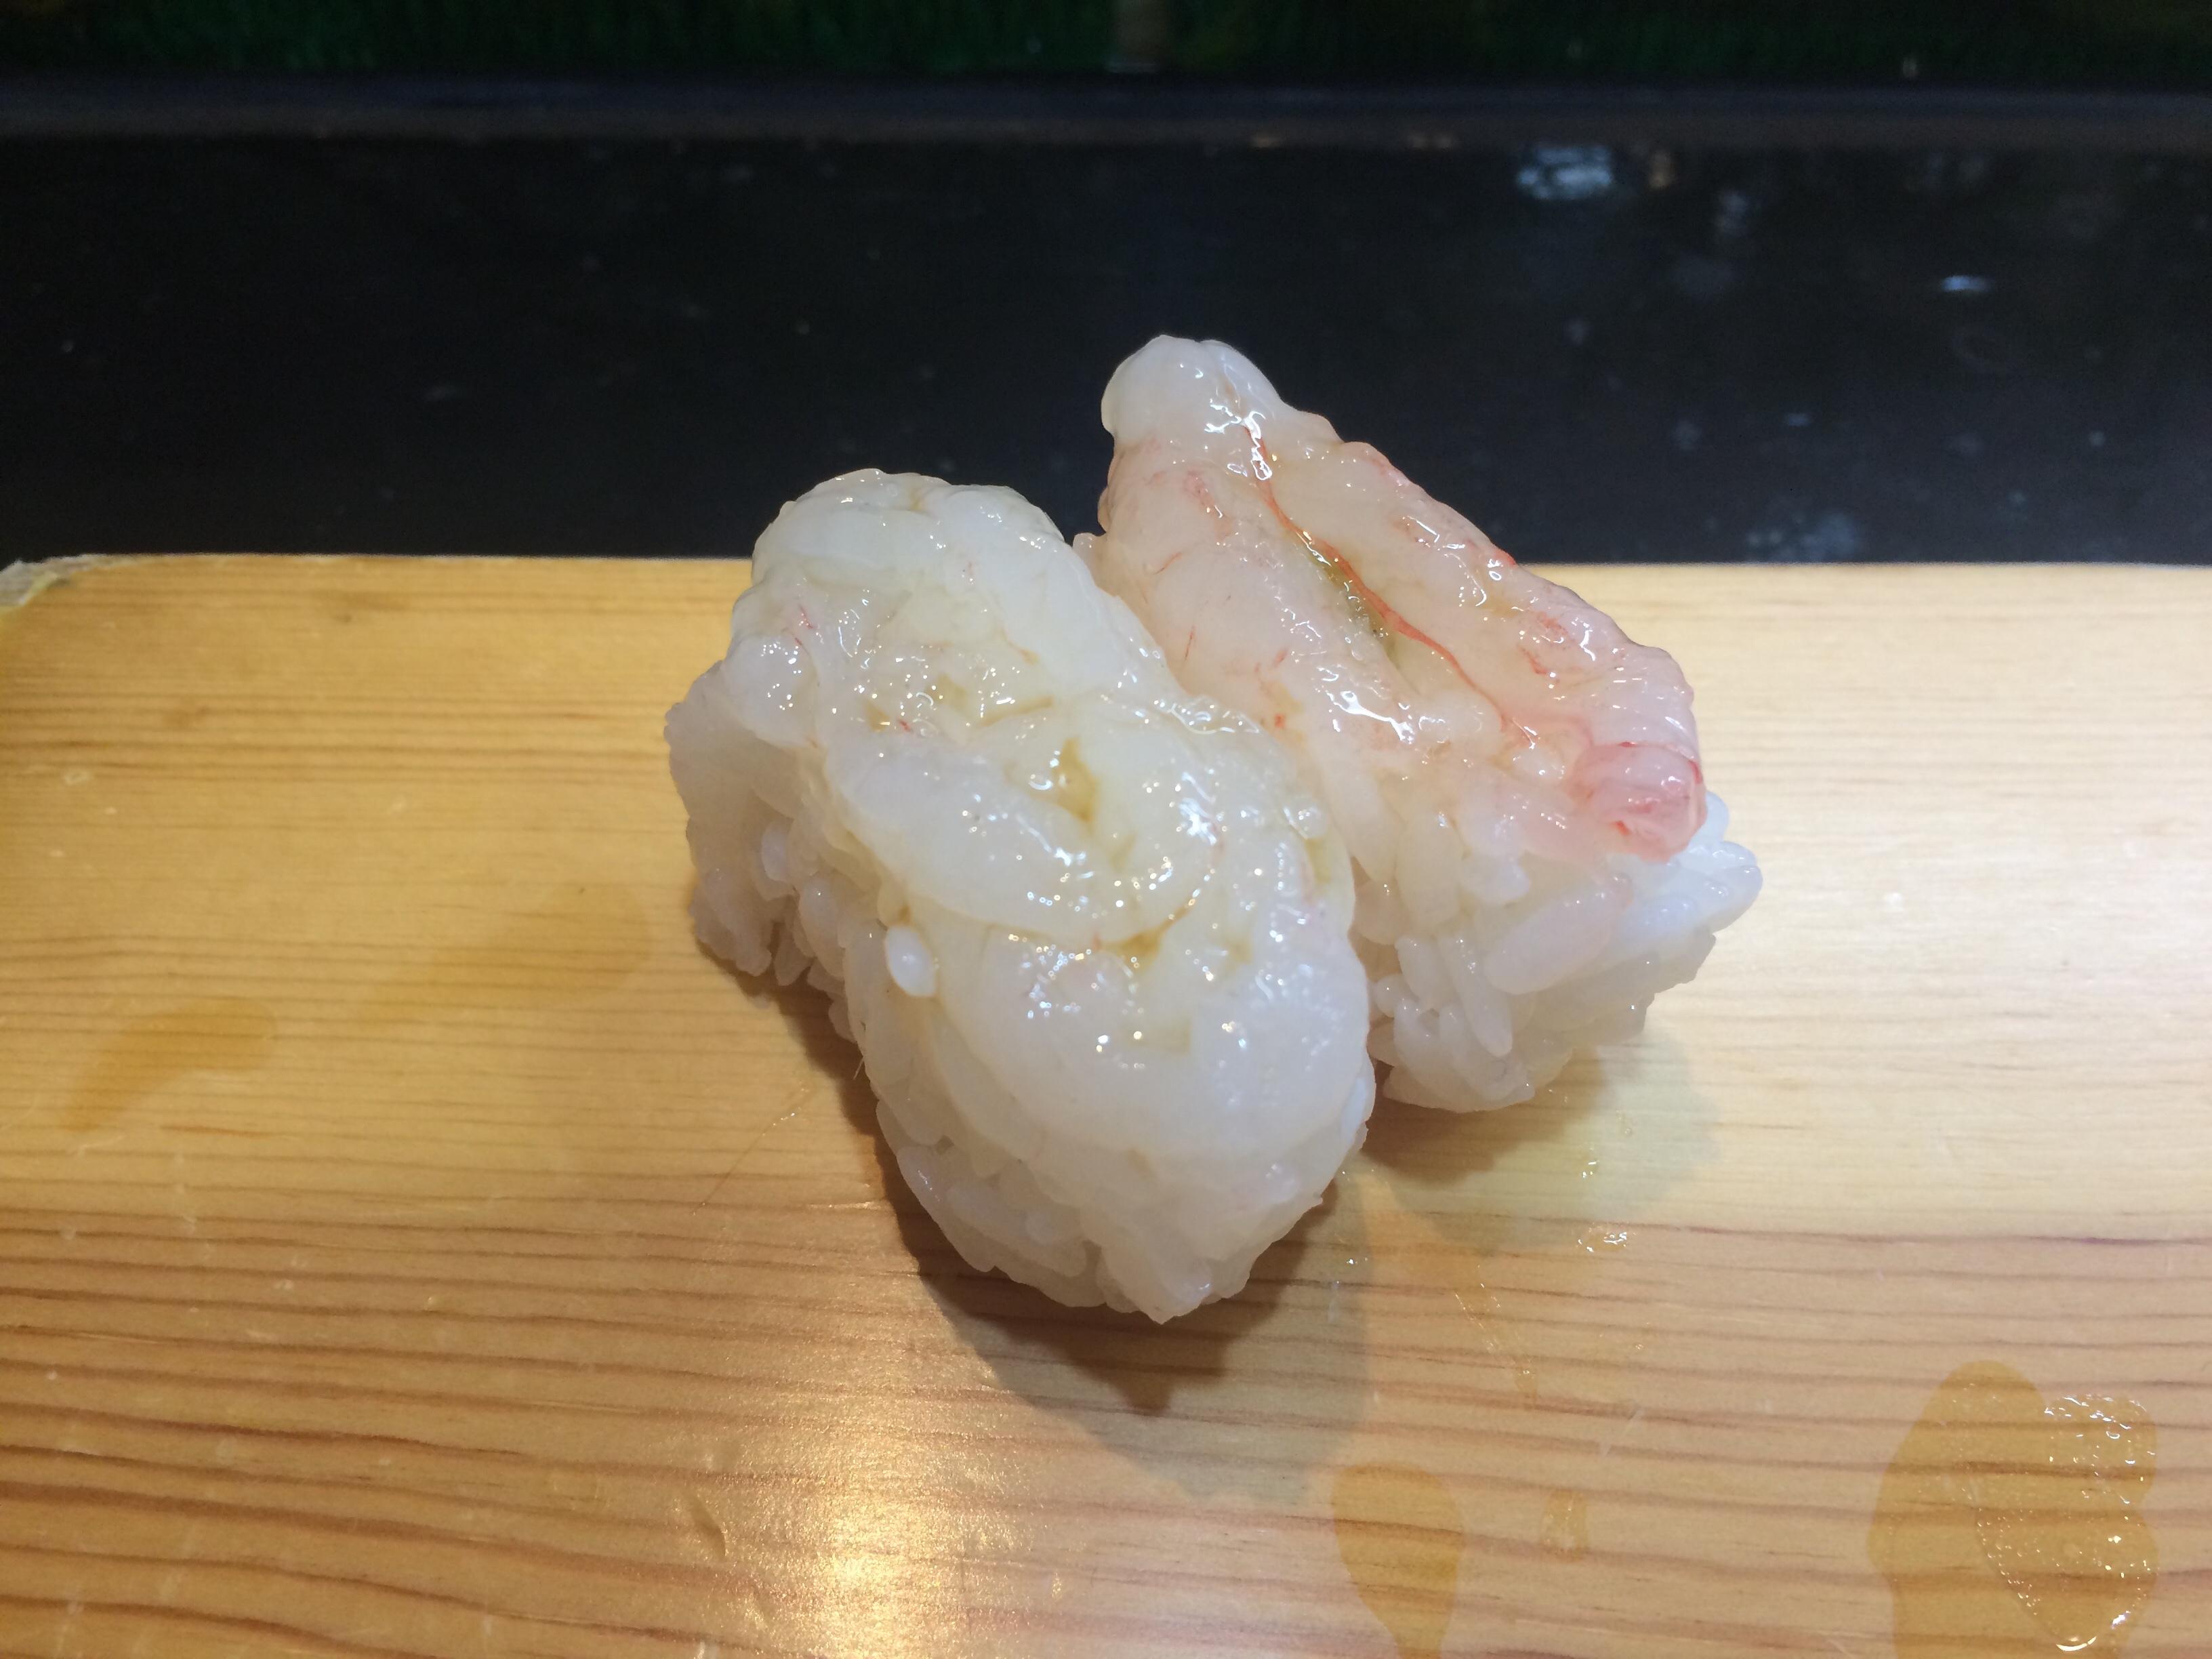 「富山湾の宝石」白えびの旬は?一年中食べれるってホント?手向きのお刺身が食べたい!